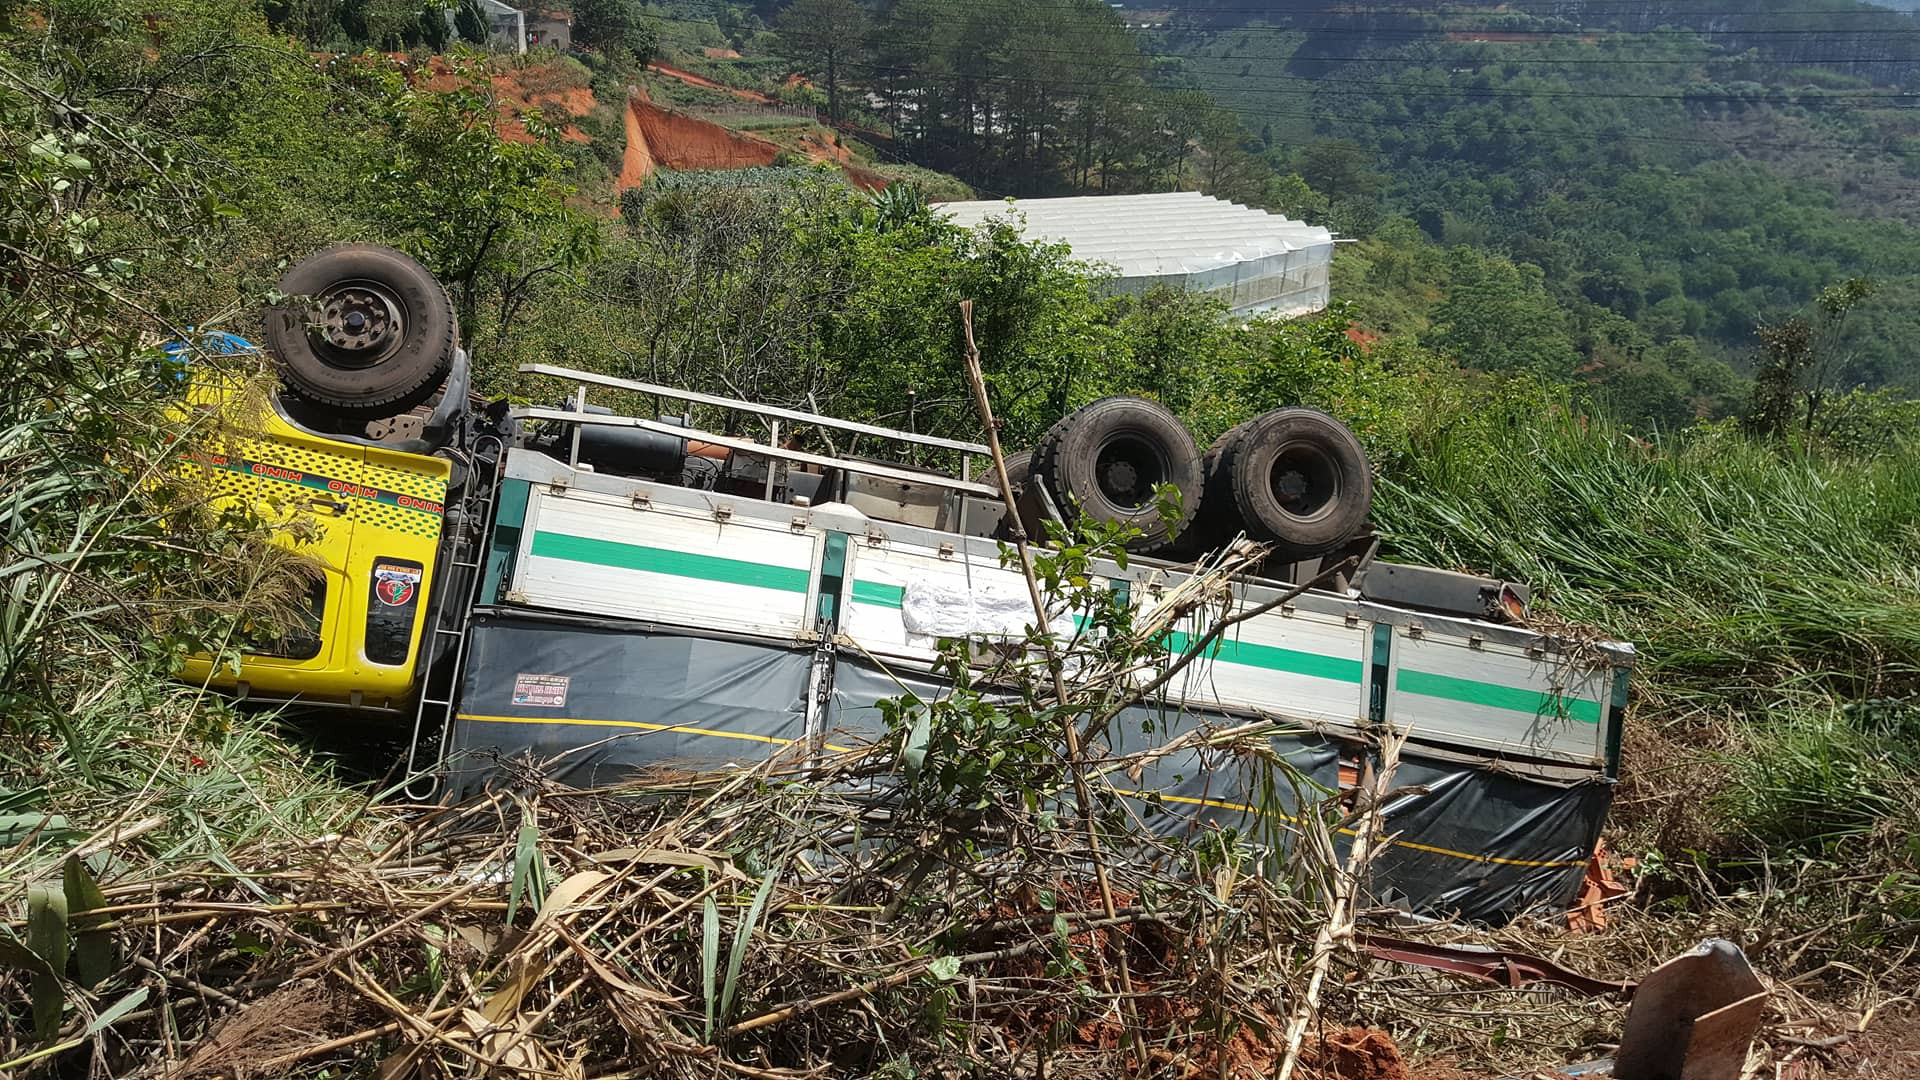 Đà Lạt: Người đi đường rớt tim khi chiếc xe tải đang leo đèo Mimosa thì bể nồi hơi, lao thẳng xuống vực - Ảnh 2.